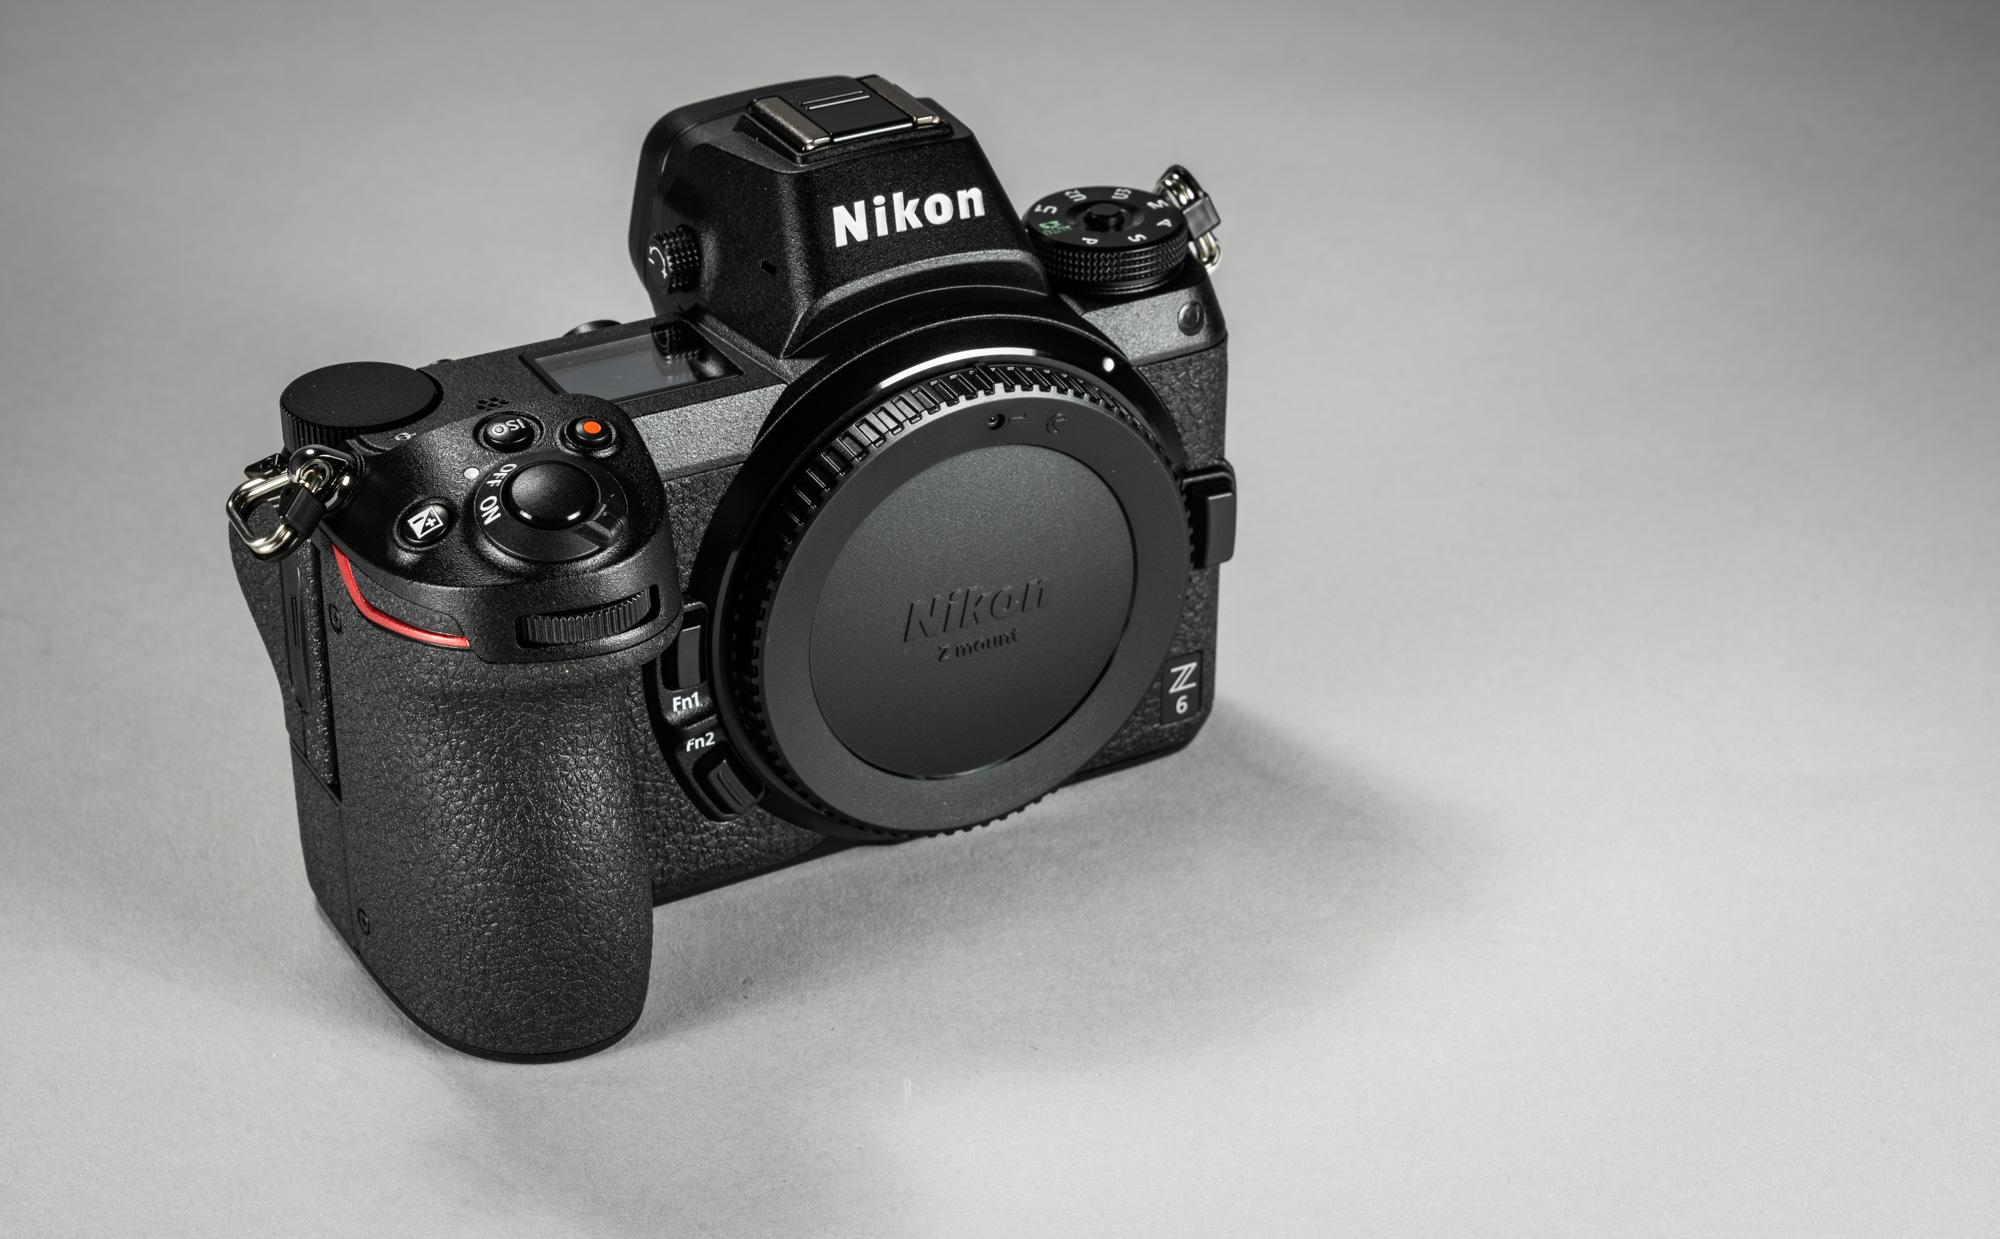 Nikon kinnitab: Z6 ja Z7 kaamerate tarkvarauuendus on tulekul ja lisab oodatud omadused